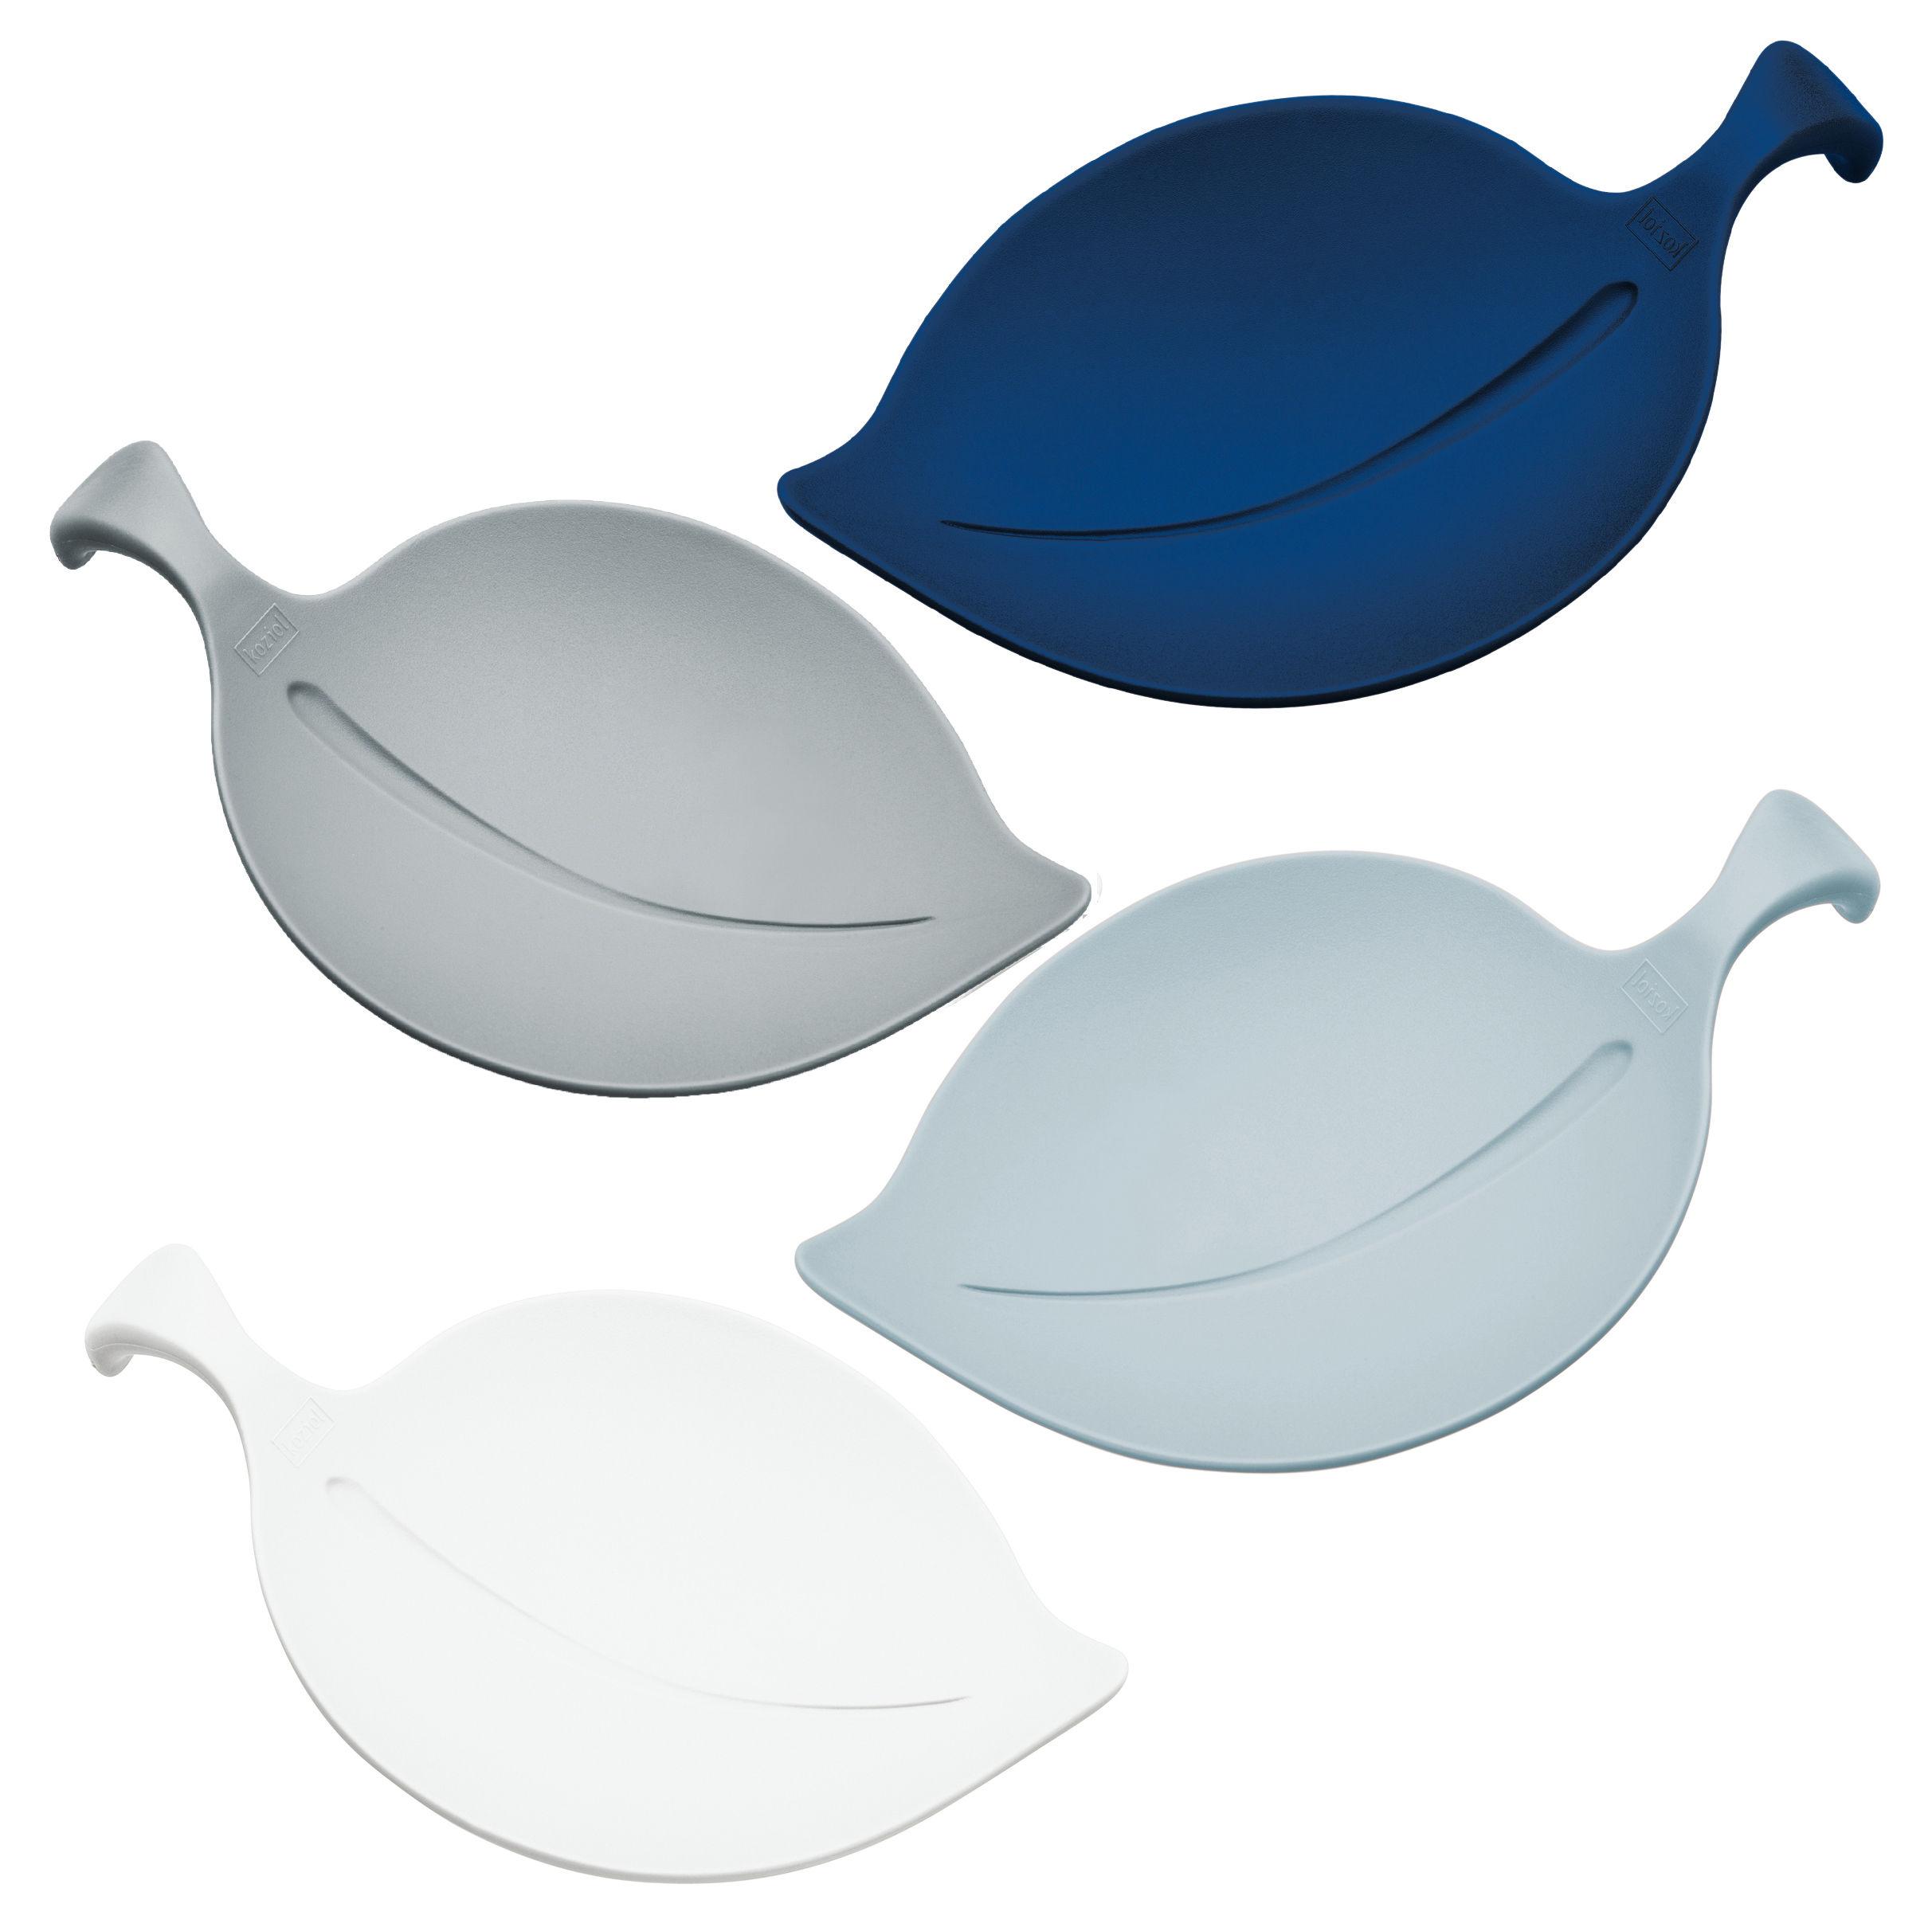 Arts de la table - Saladiers, coupes et bols - Coupelle Leaf-on / Ø 14 cm - Set de 4 - Koziol - Gris clair / Bleu / Bleu clair / Blanc - Plastique